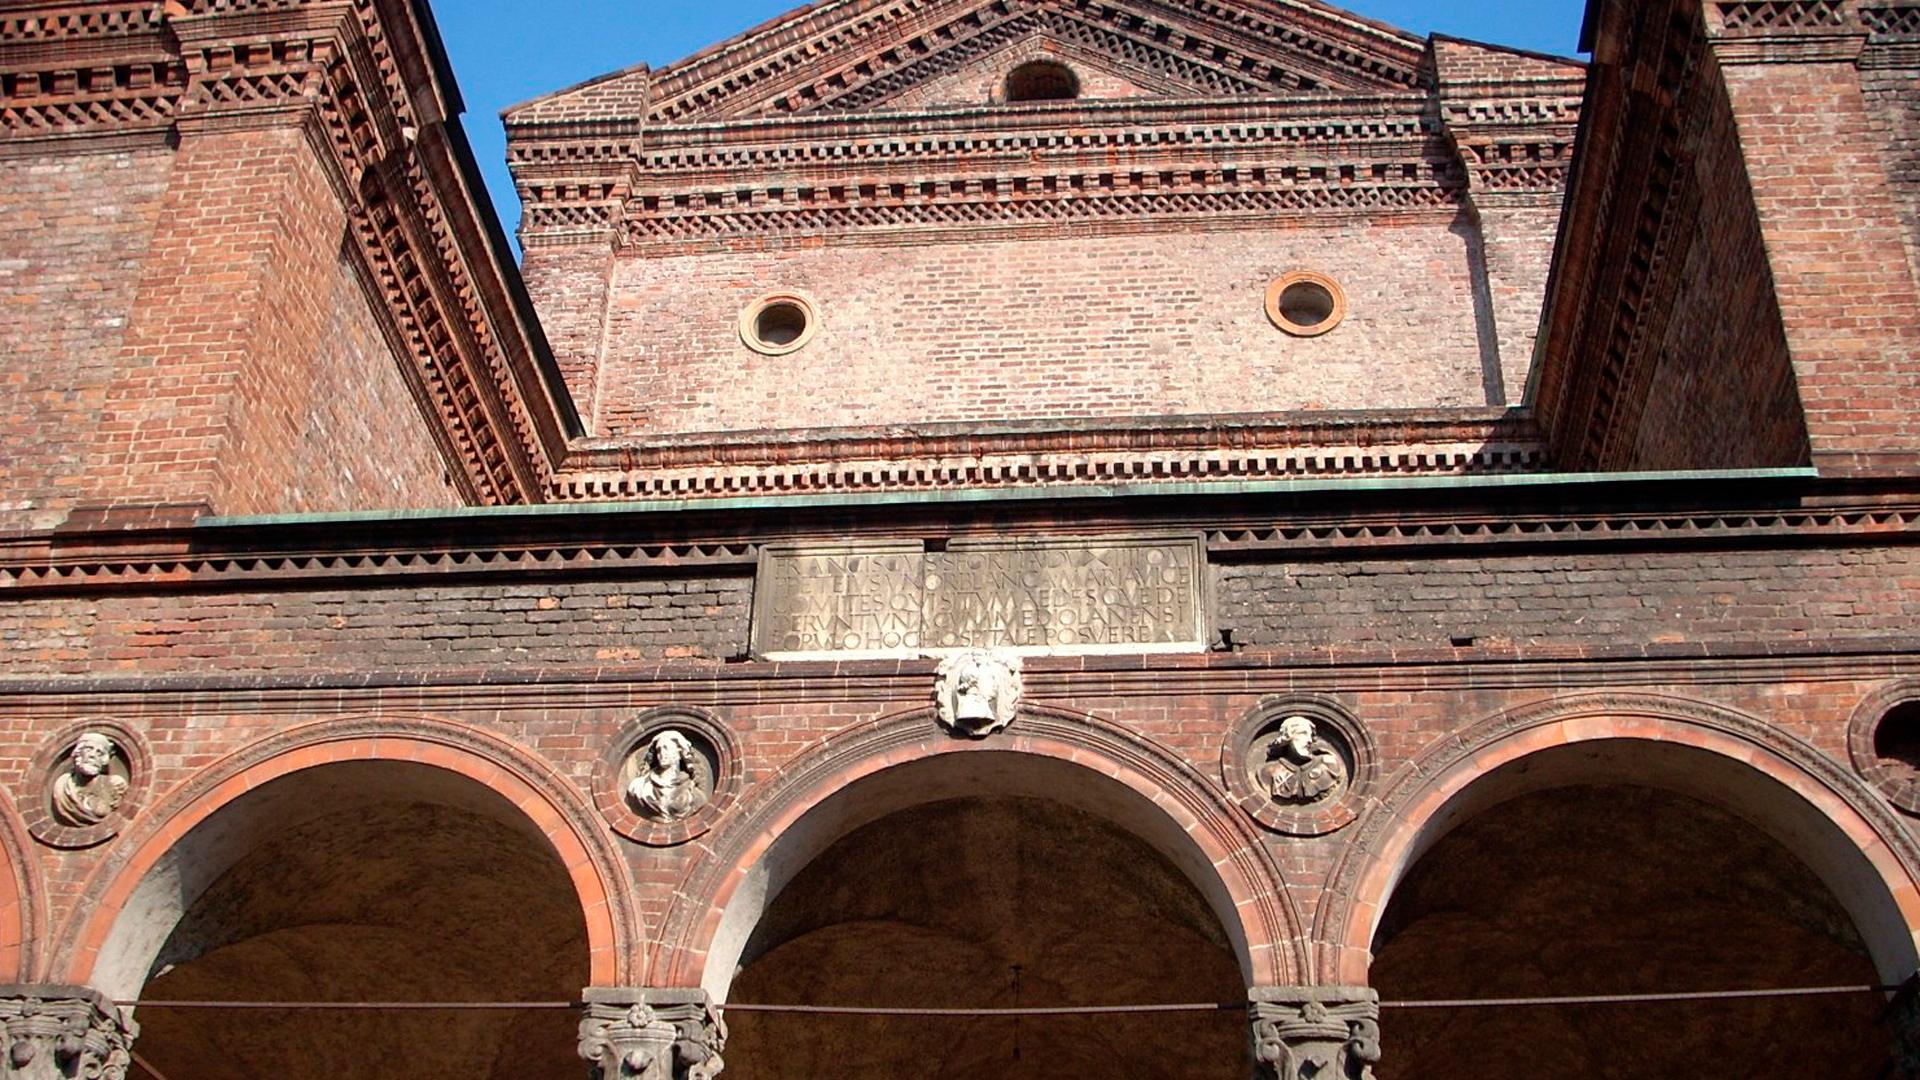 referencias para la extracción de próstata hospital ieo milán italia